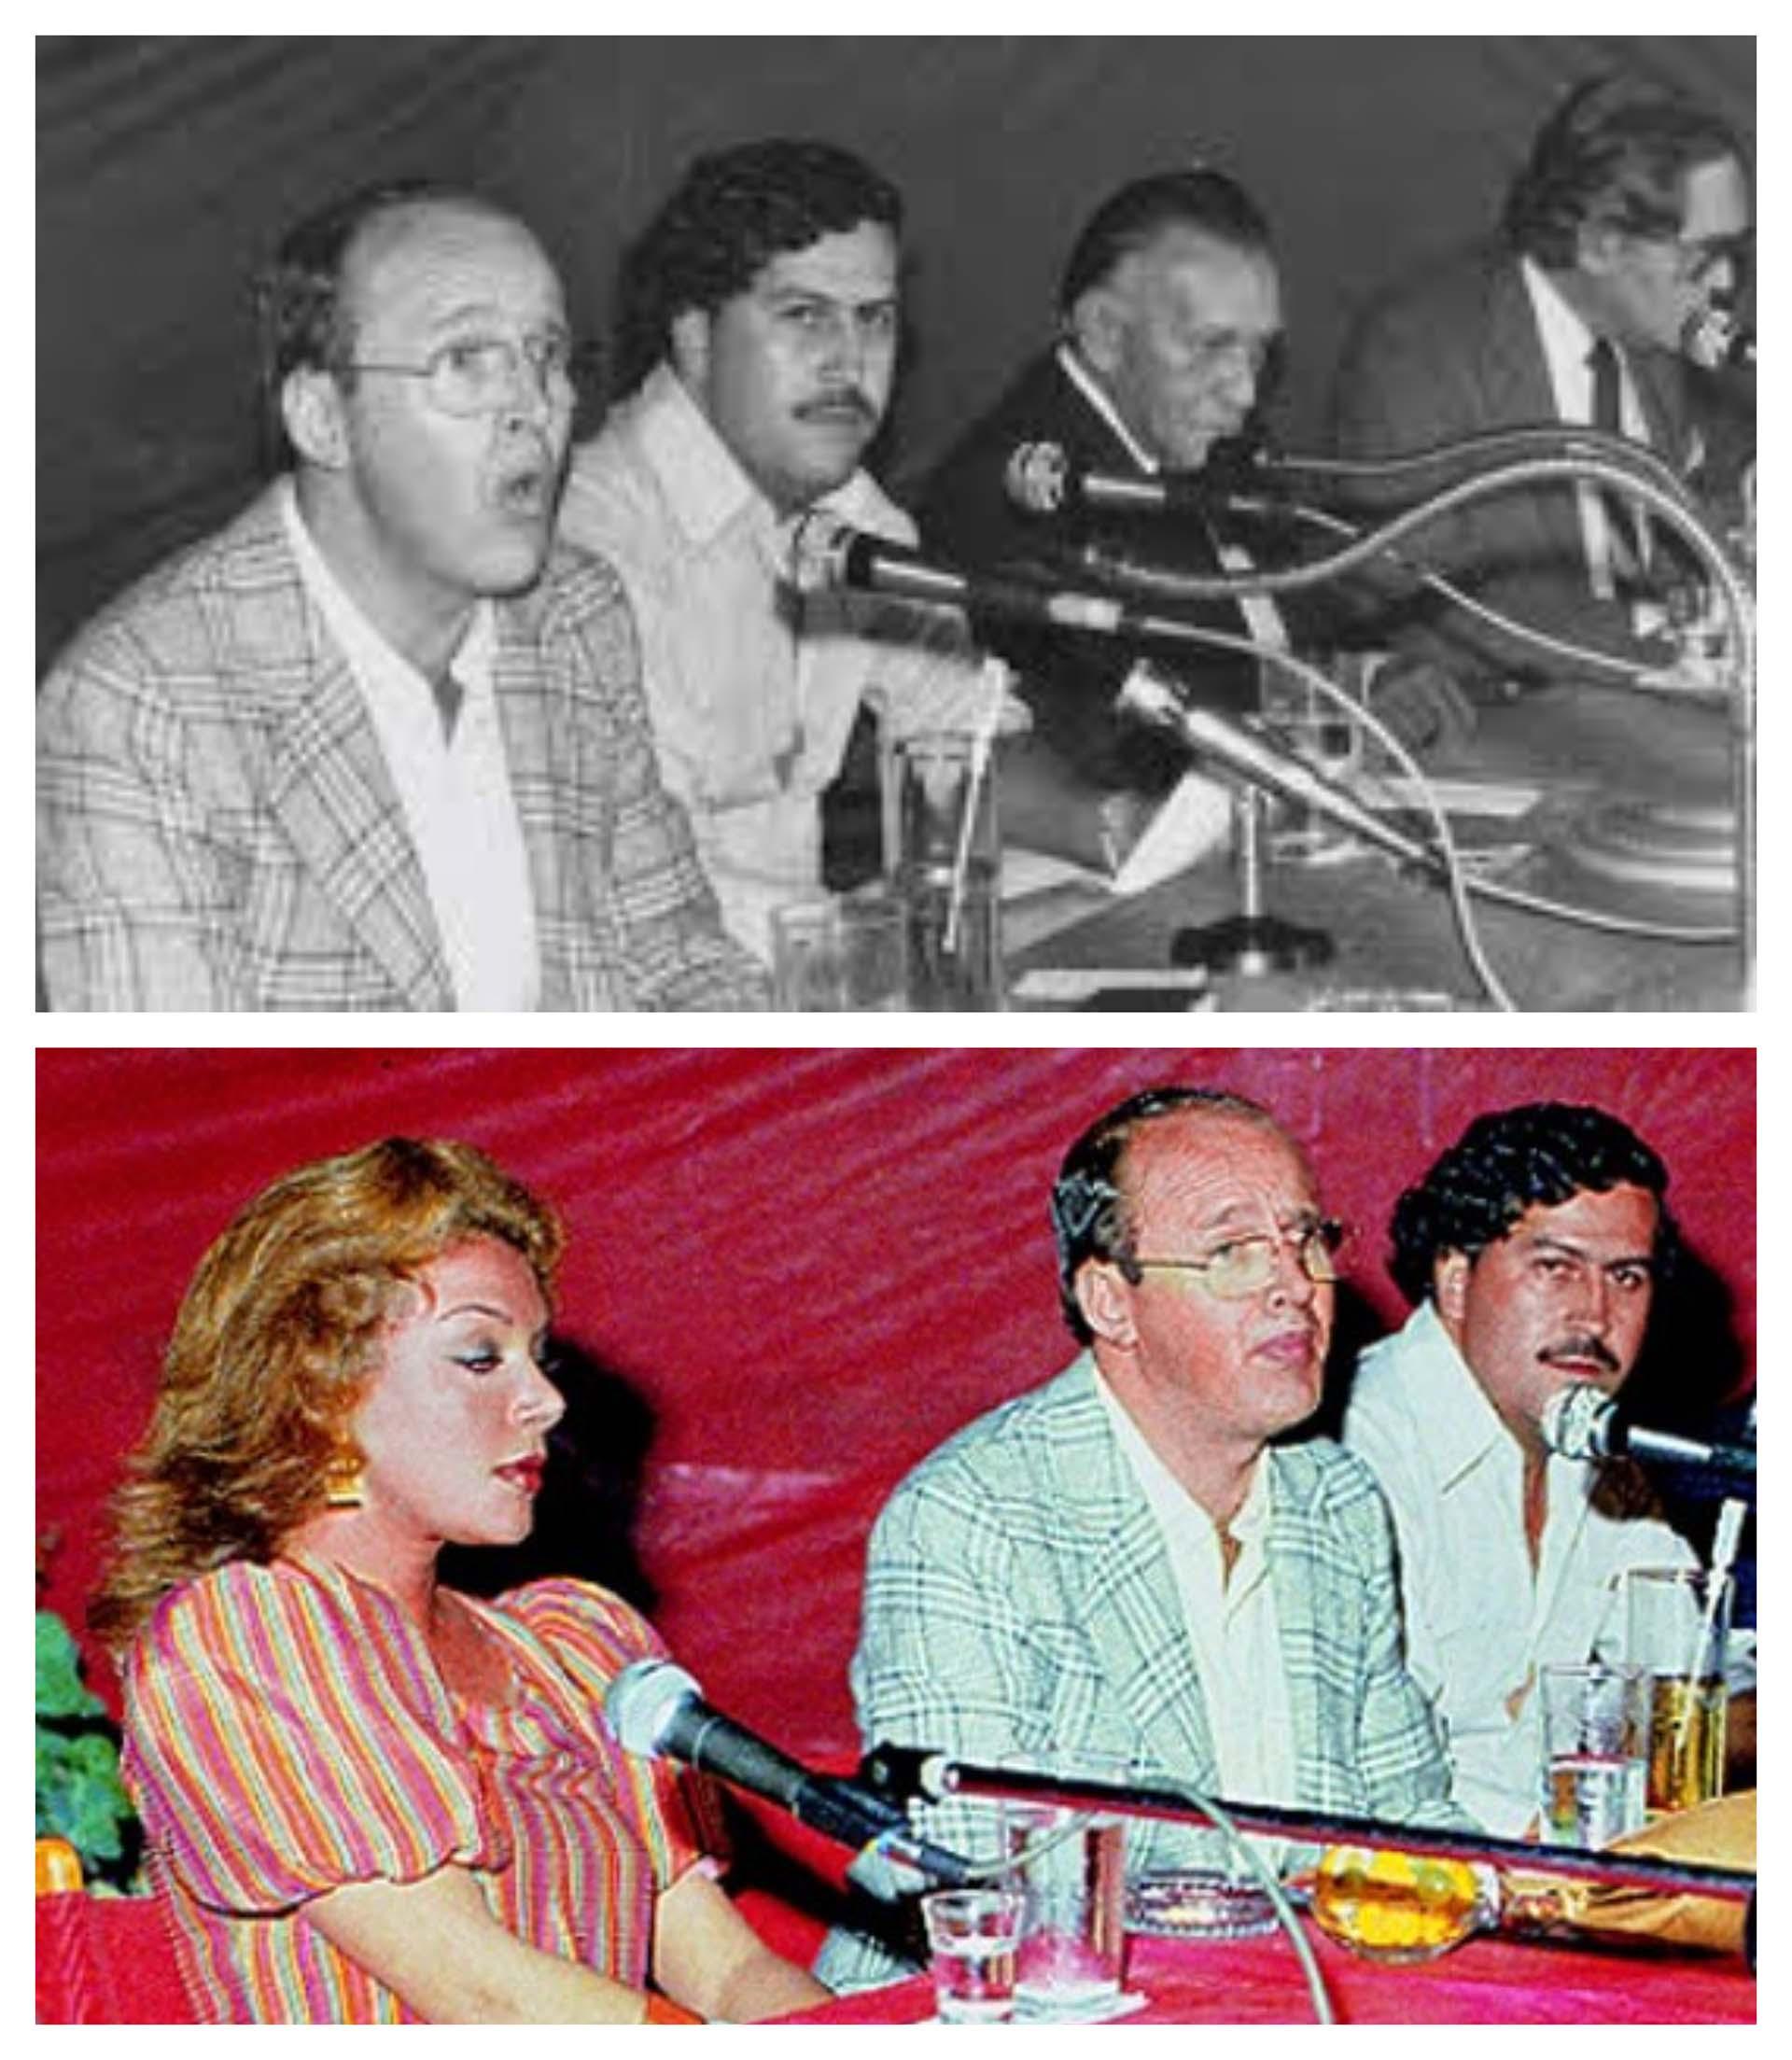 """El cura Elías Lopera moderaba los encuentros """"académicos"""" promovidos por el capo Pablo Escobar en contra de la extradición."""